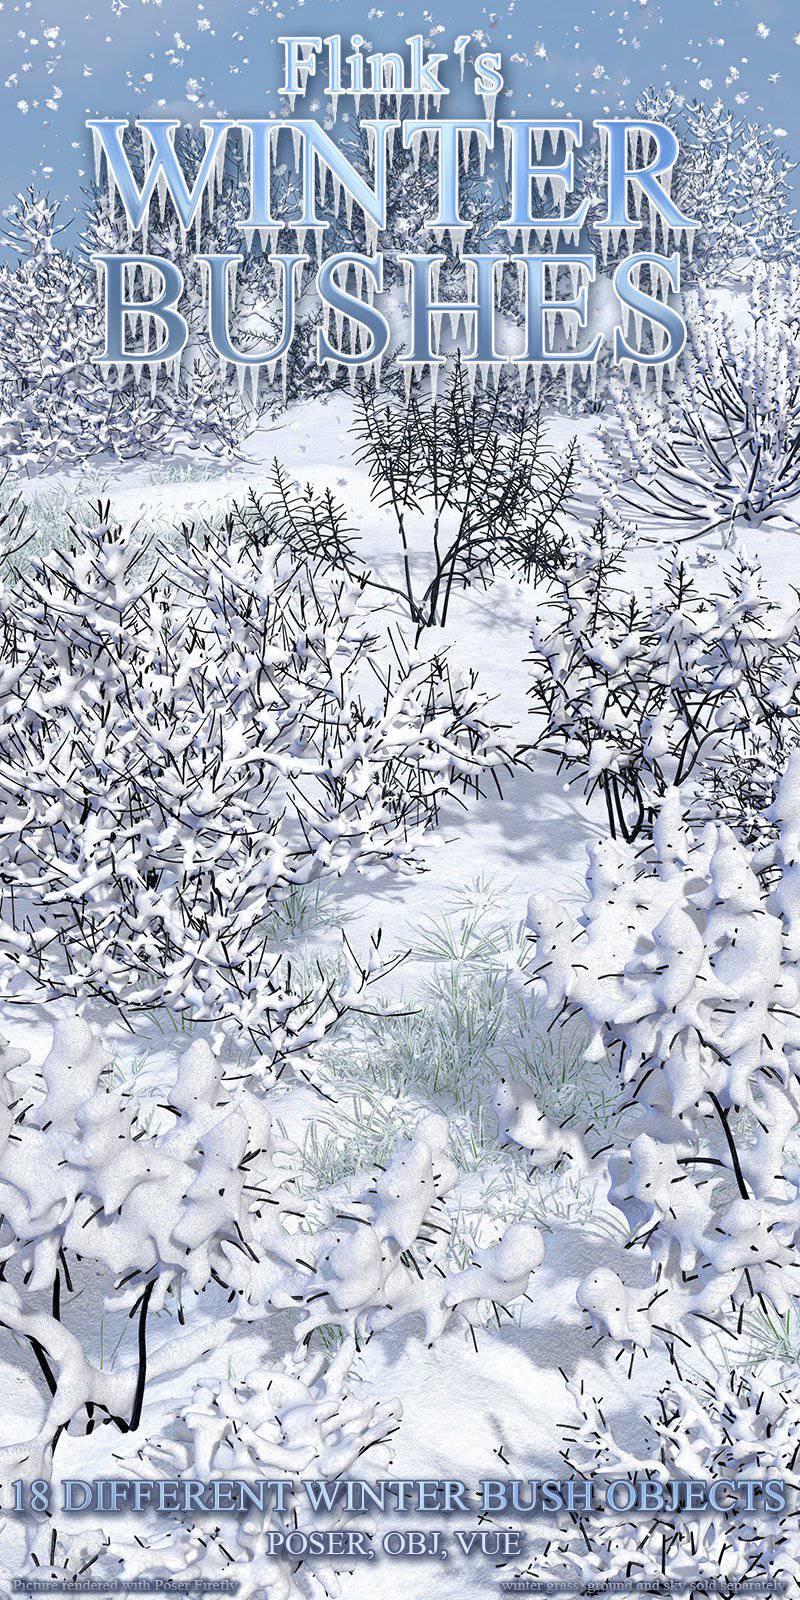 Flinks Winter Bushes_DAZ3D下载站